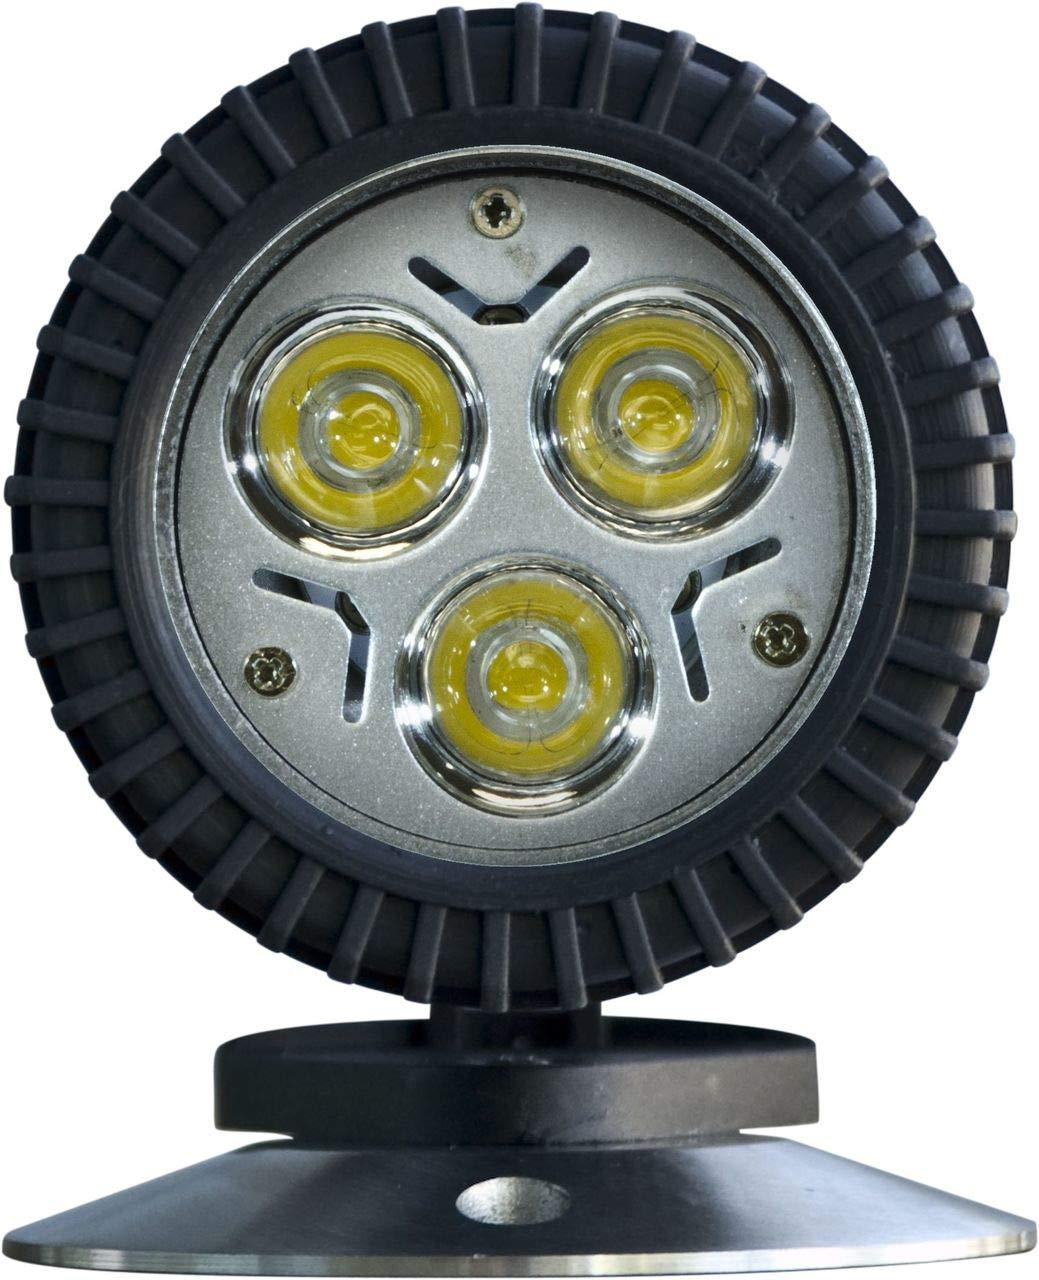 DABMAR LIGHTING LV341-LED3-B Polybutylene Terephthalate LED Pond/Fountain Underwater Light with Stainless Steel Base, Black